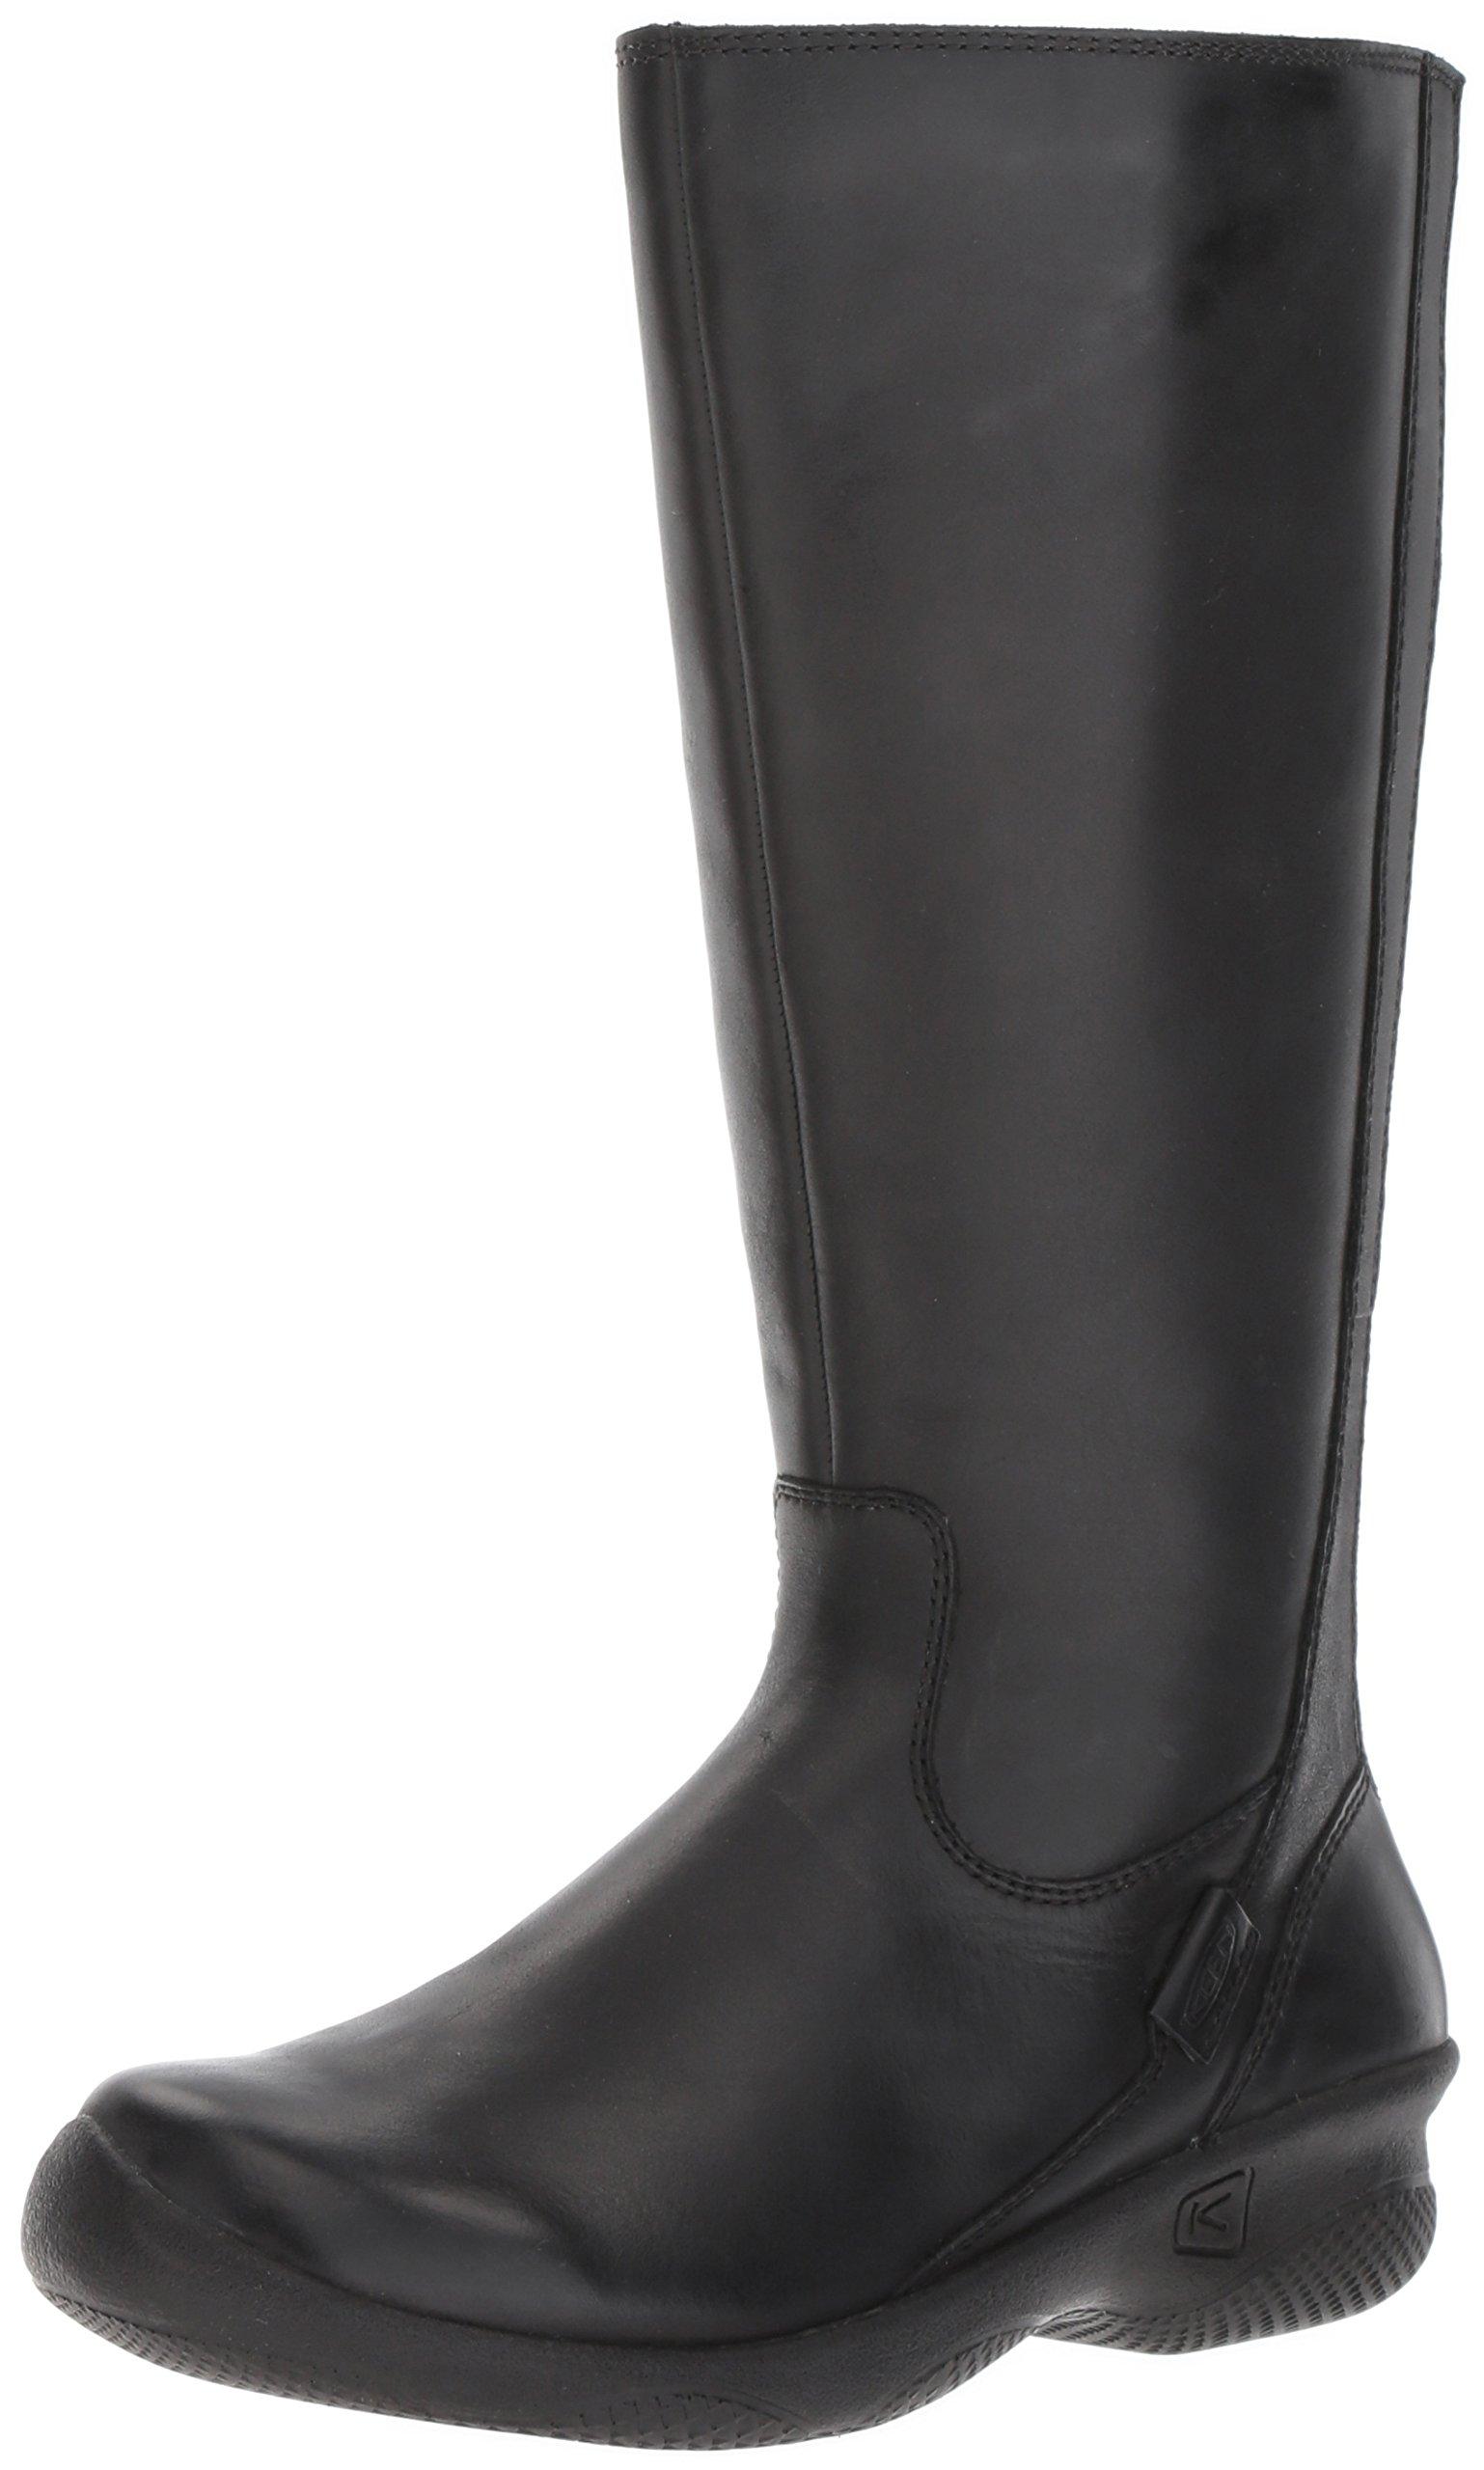 KEEN Women's Baby Bern Ii Wide-w Rain Boot, Black, 11 M US